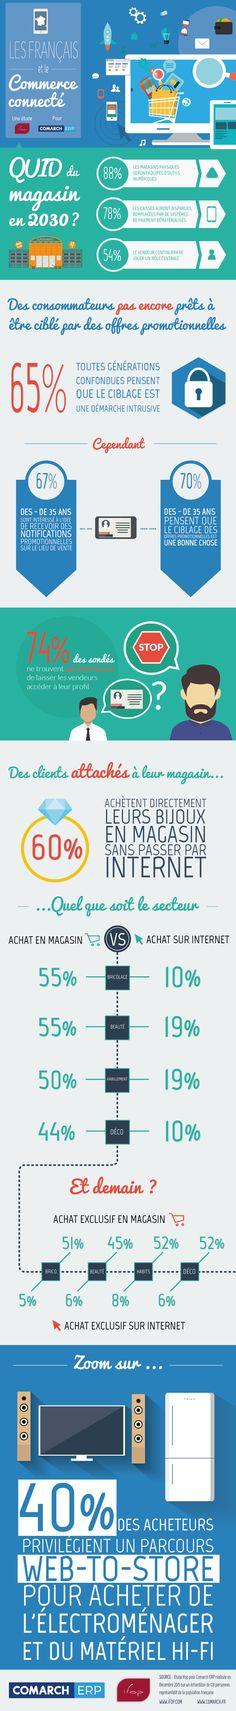 Infographie : Que pensent les Français des magasins connectés ? - JDN